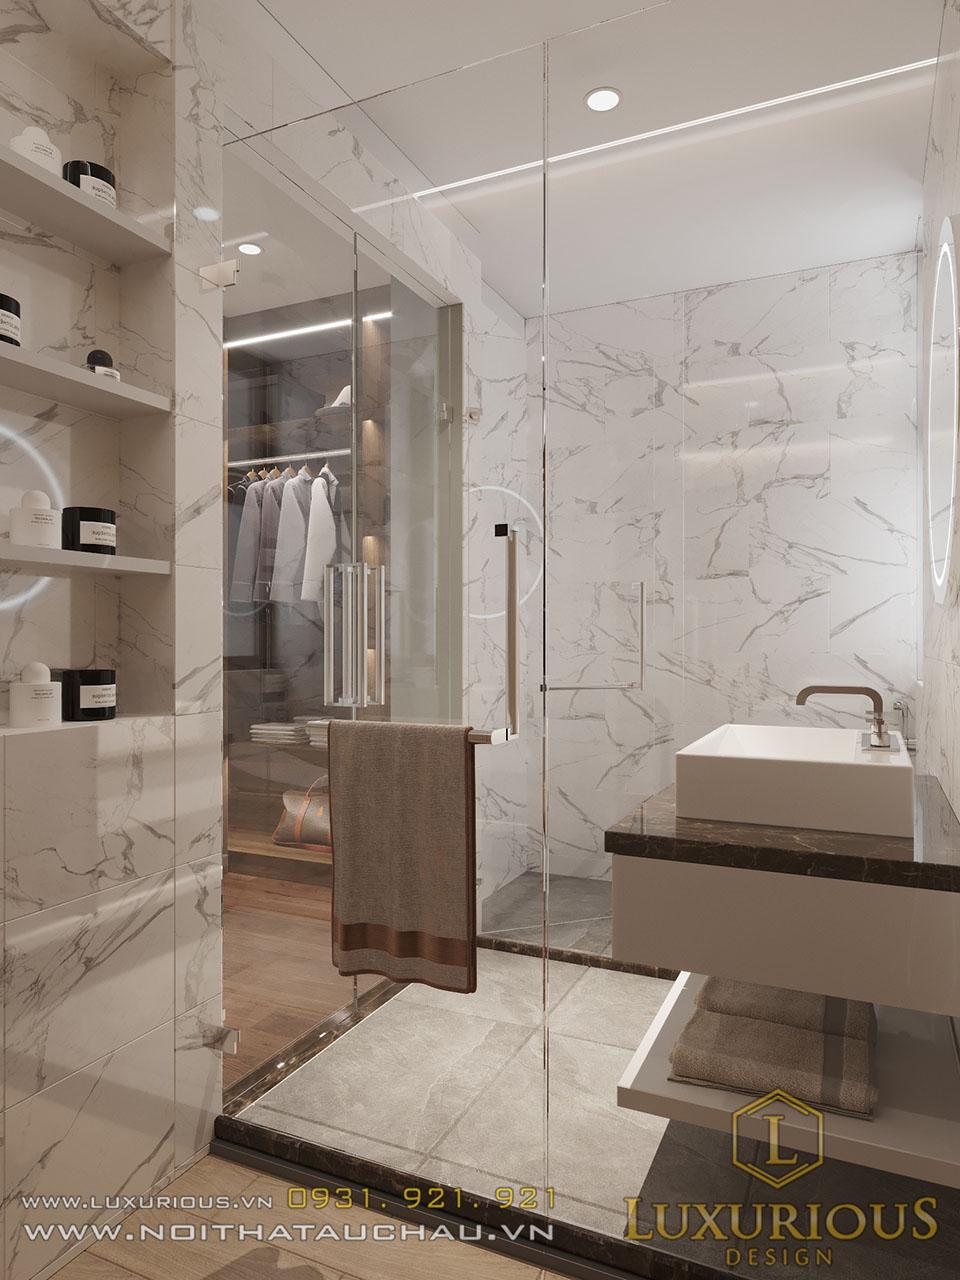 Phòng vệ sinh vách kính đẹp